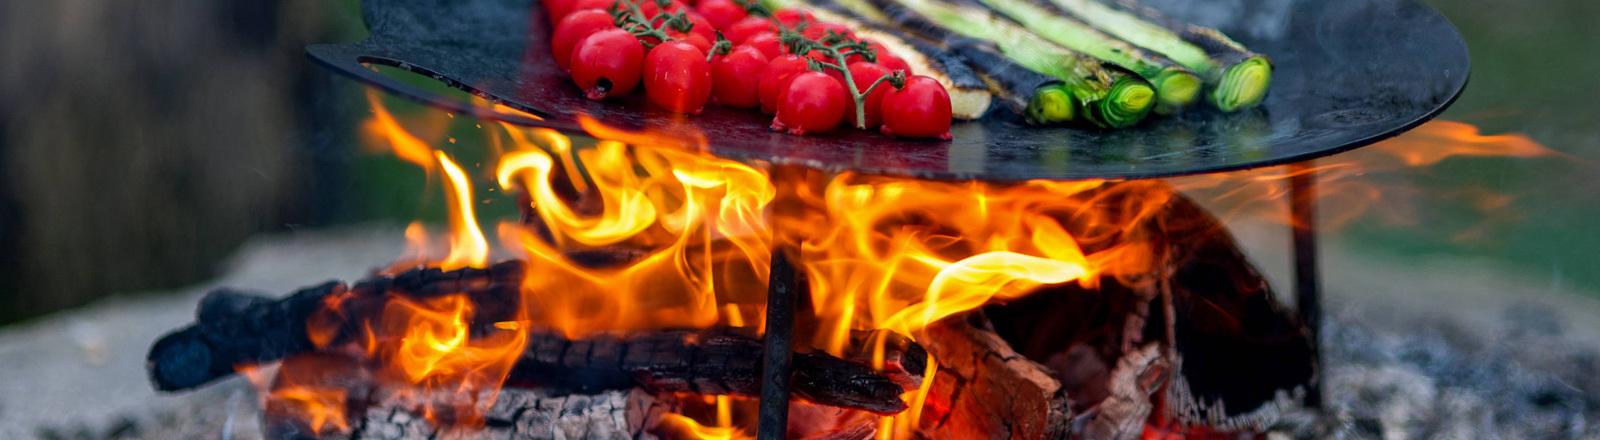 Auf einer Grillschale liegen Tomaten und Lauch, unter der Schale brennen Holzscheite.